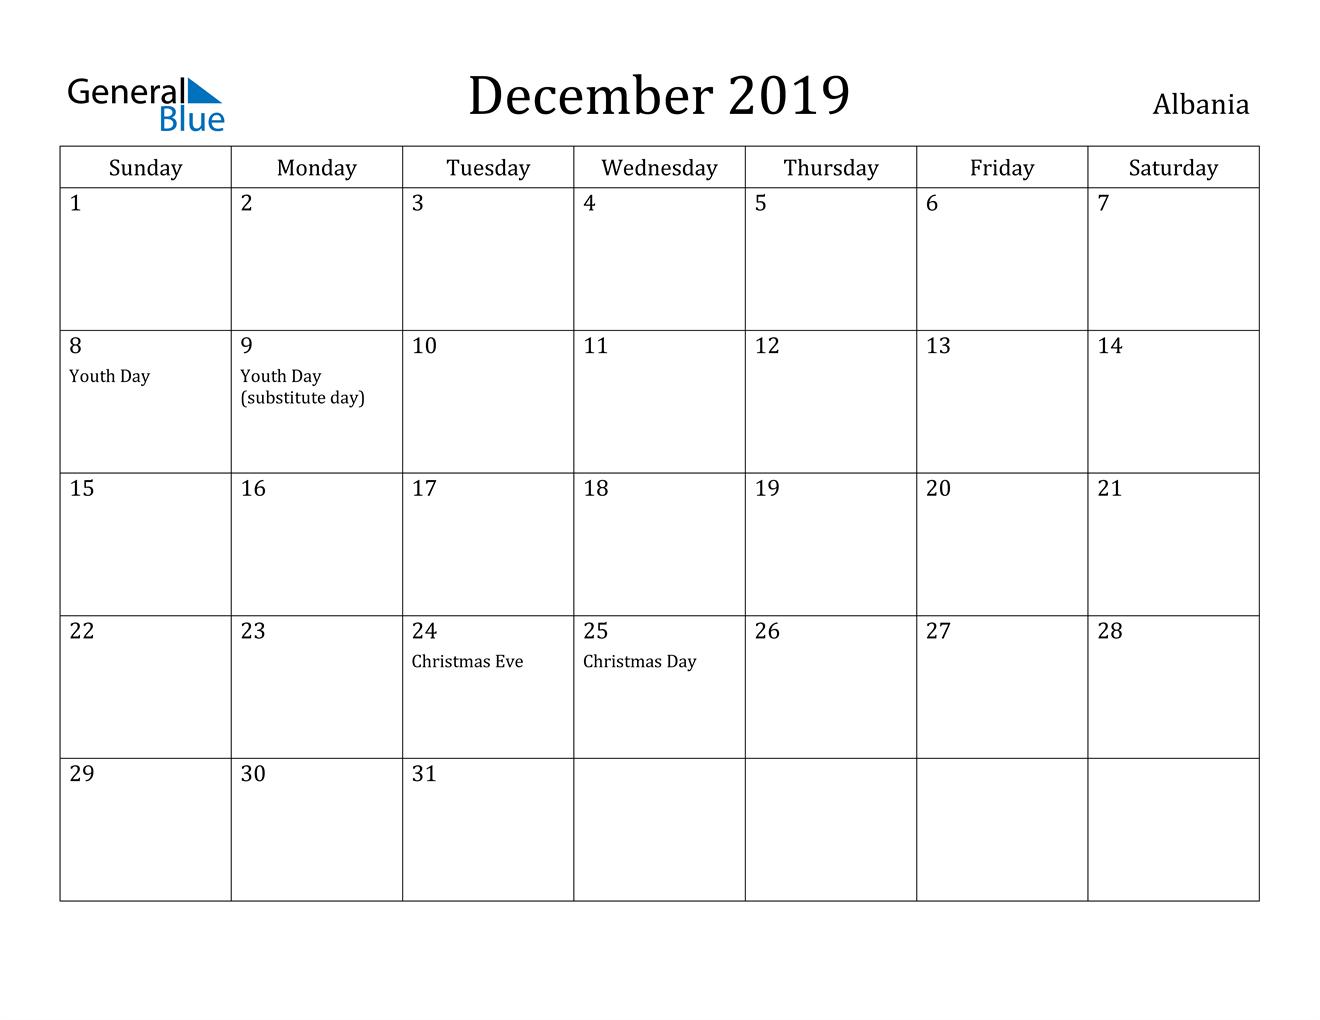 Image of December 2019 Albania Calendar with Holidays Calendar